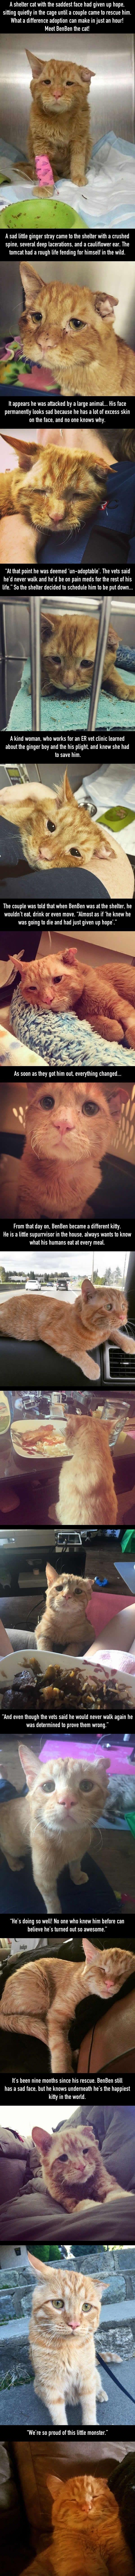 BenBen the sad faced cat